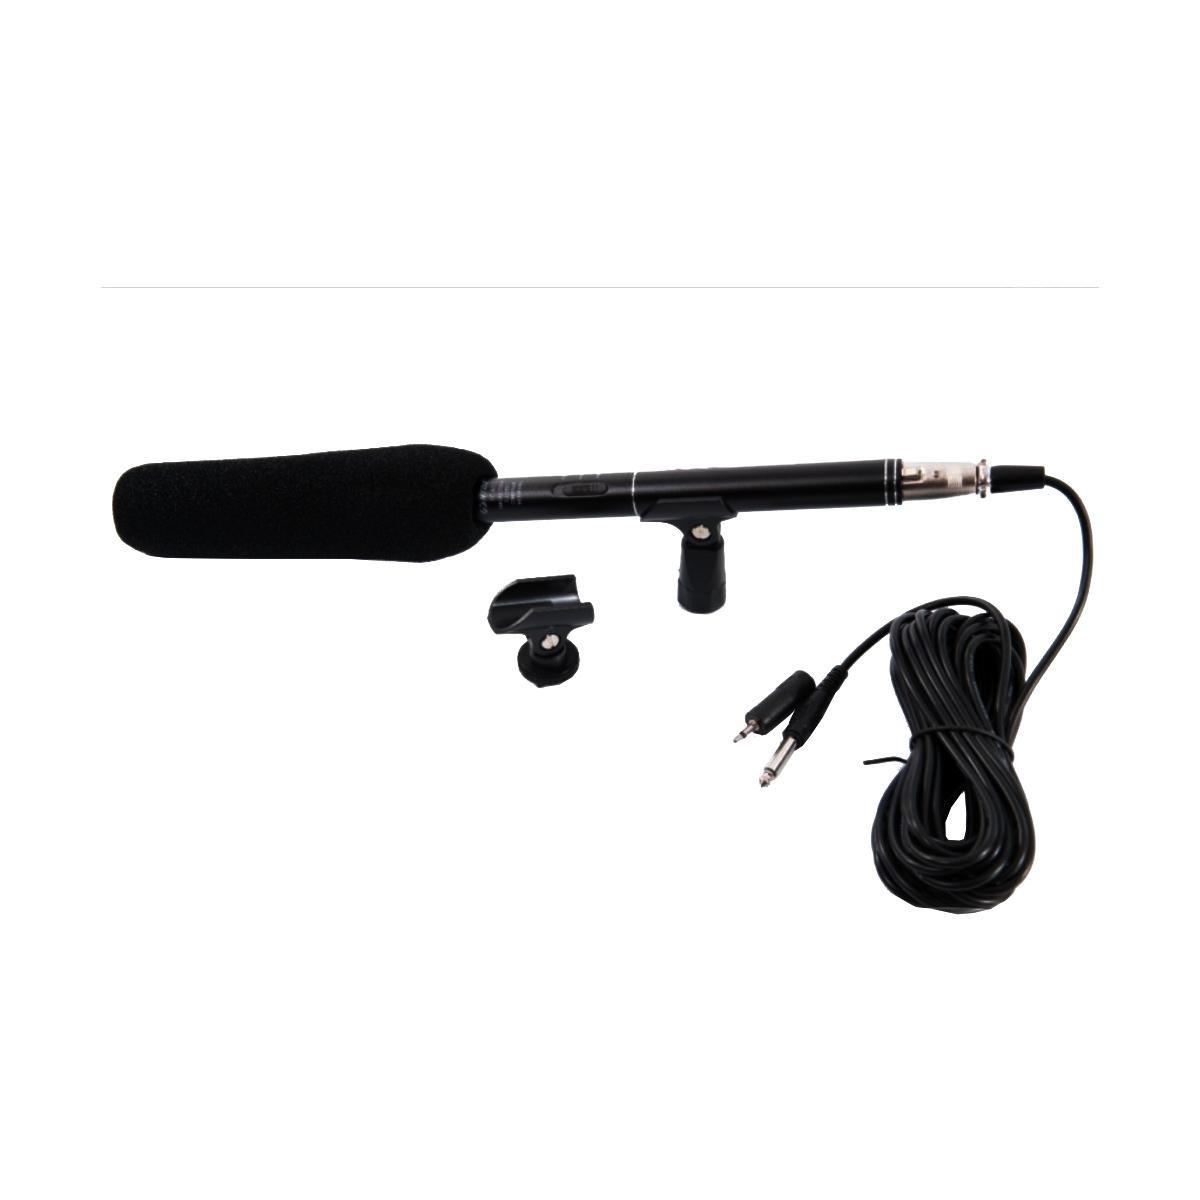 Microfone Condensador CSR HT-81 Super Unidirecional para Gravações